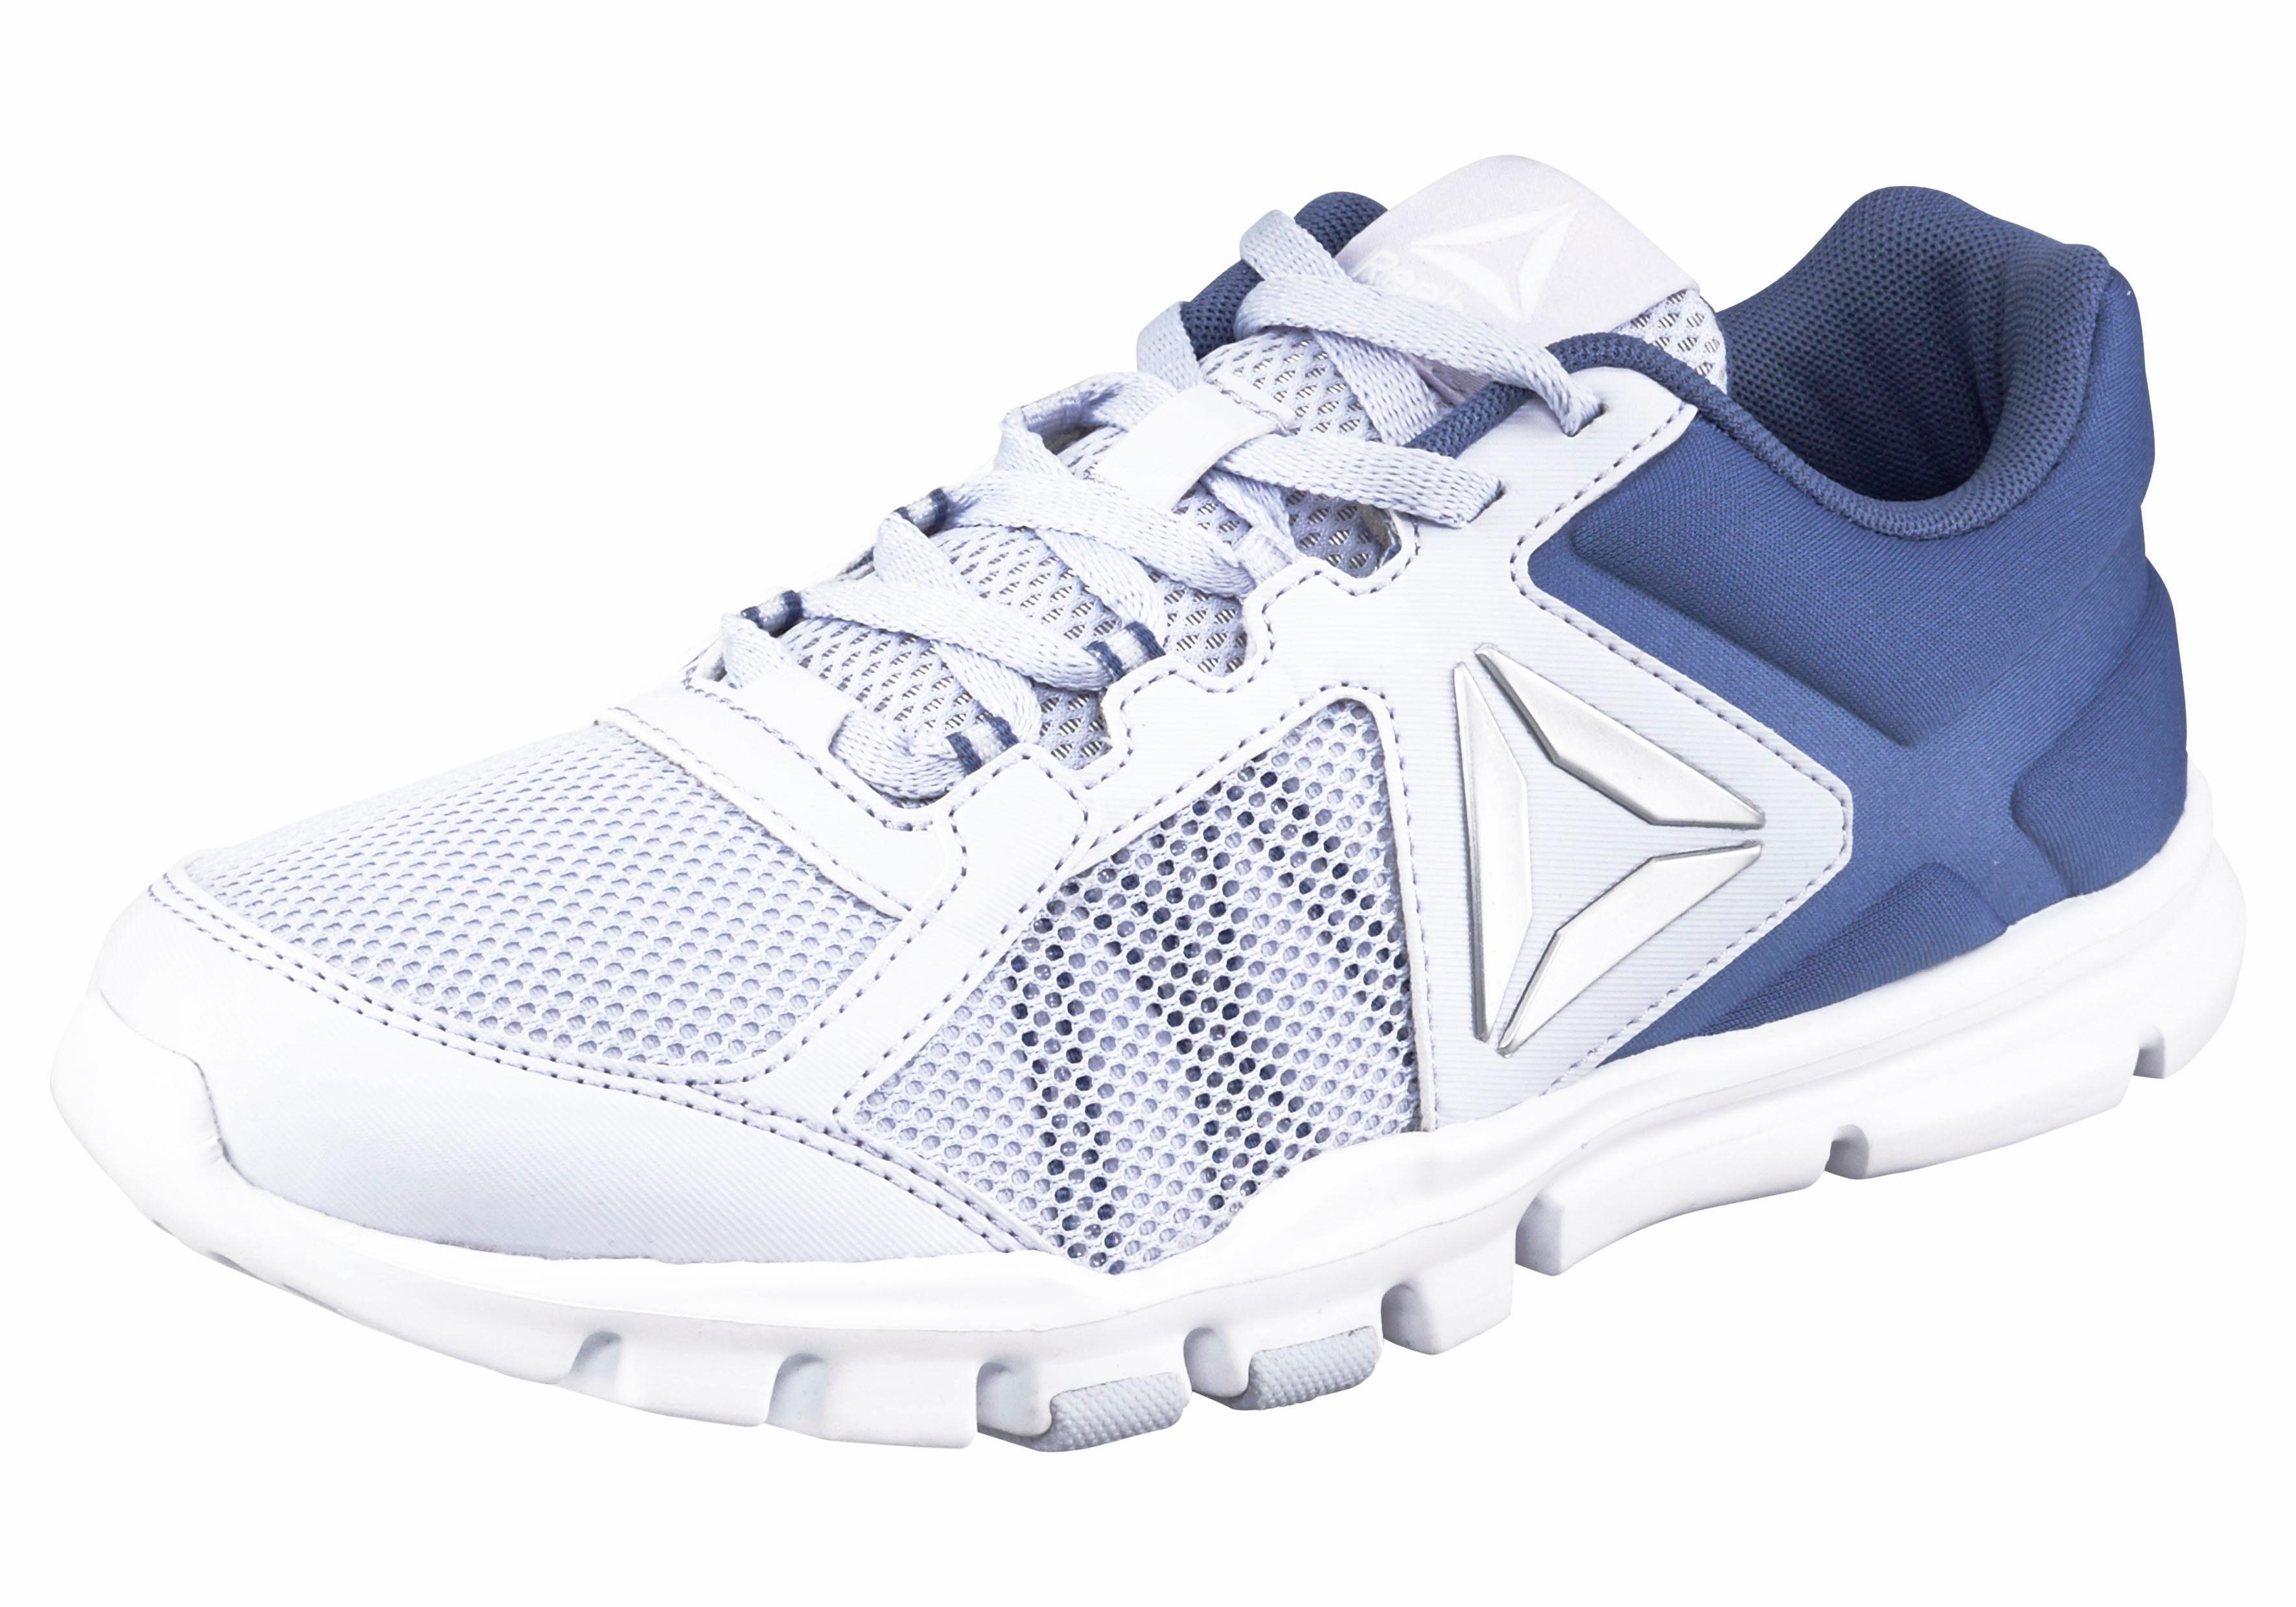 Reebok Yourflex Trainette Fitnessschuh kaufen  flieder